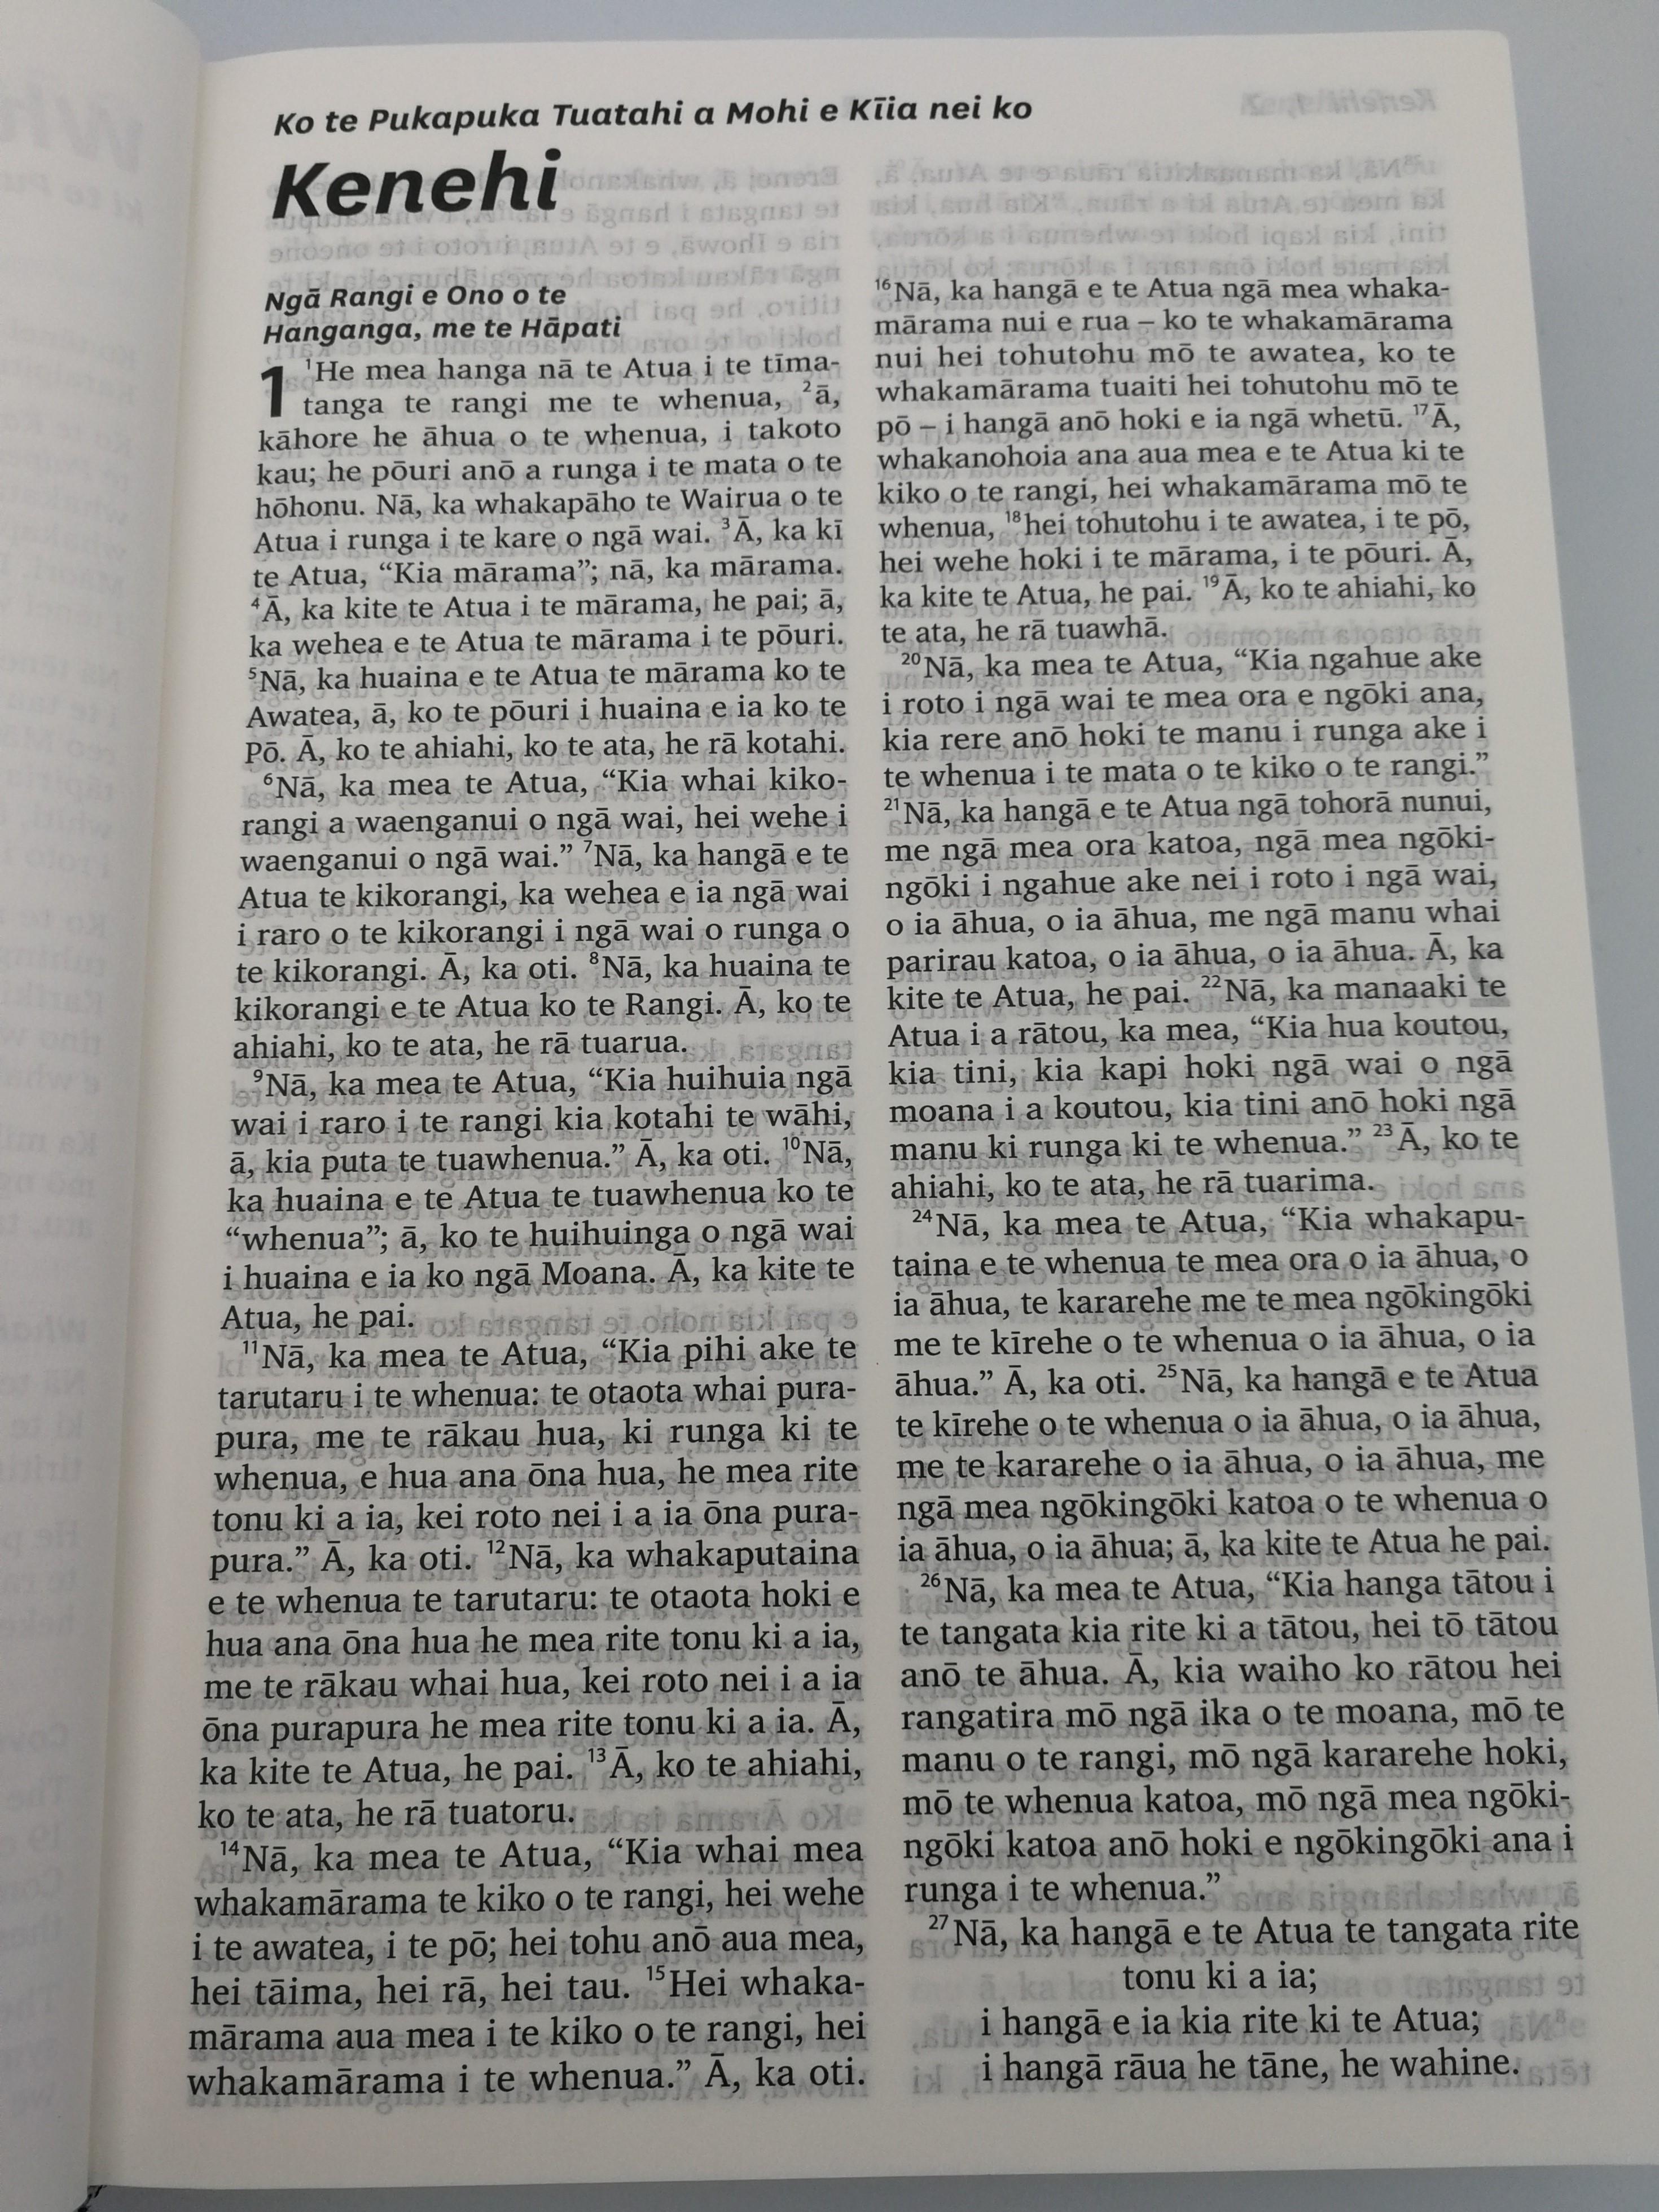 maori-language-holy-bible-paipera-tapu-6.jpg